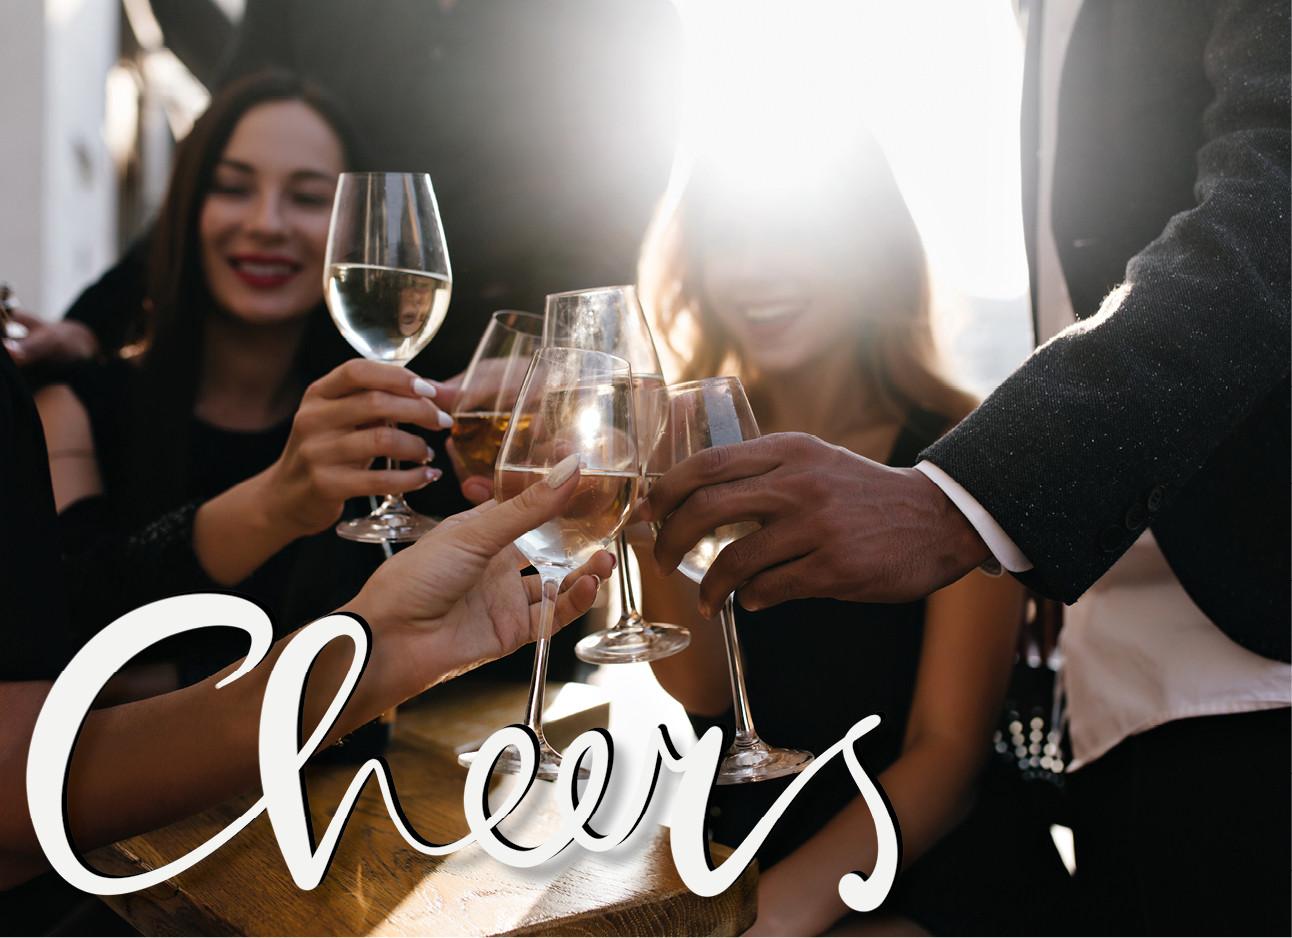 een groep mensen die samen cheersen met glazen wijn